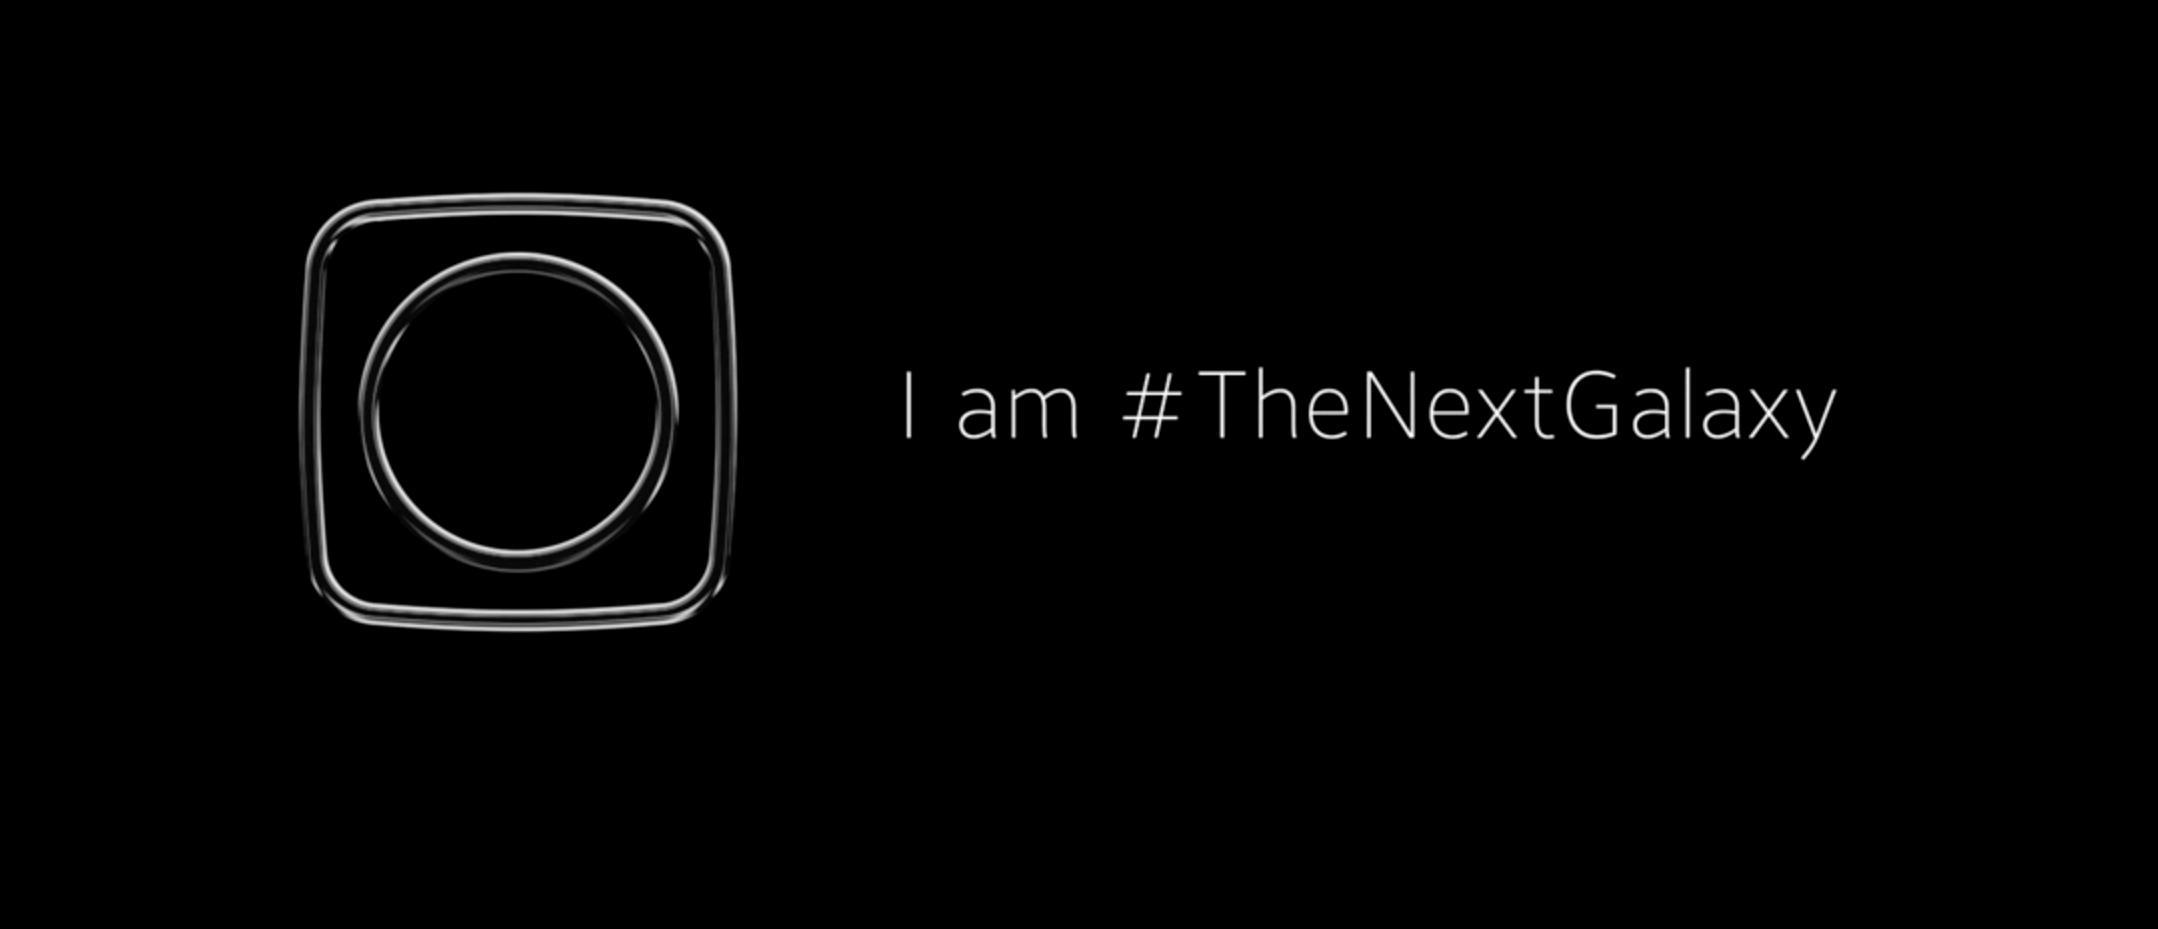 #TheNextGalaxy: Samsung Galaxy S6 Teaser über Twitter 1